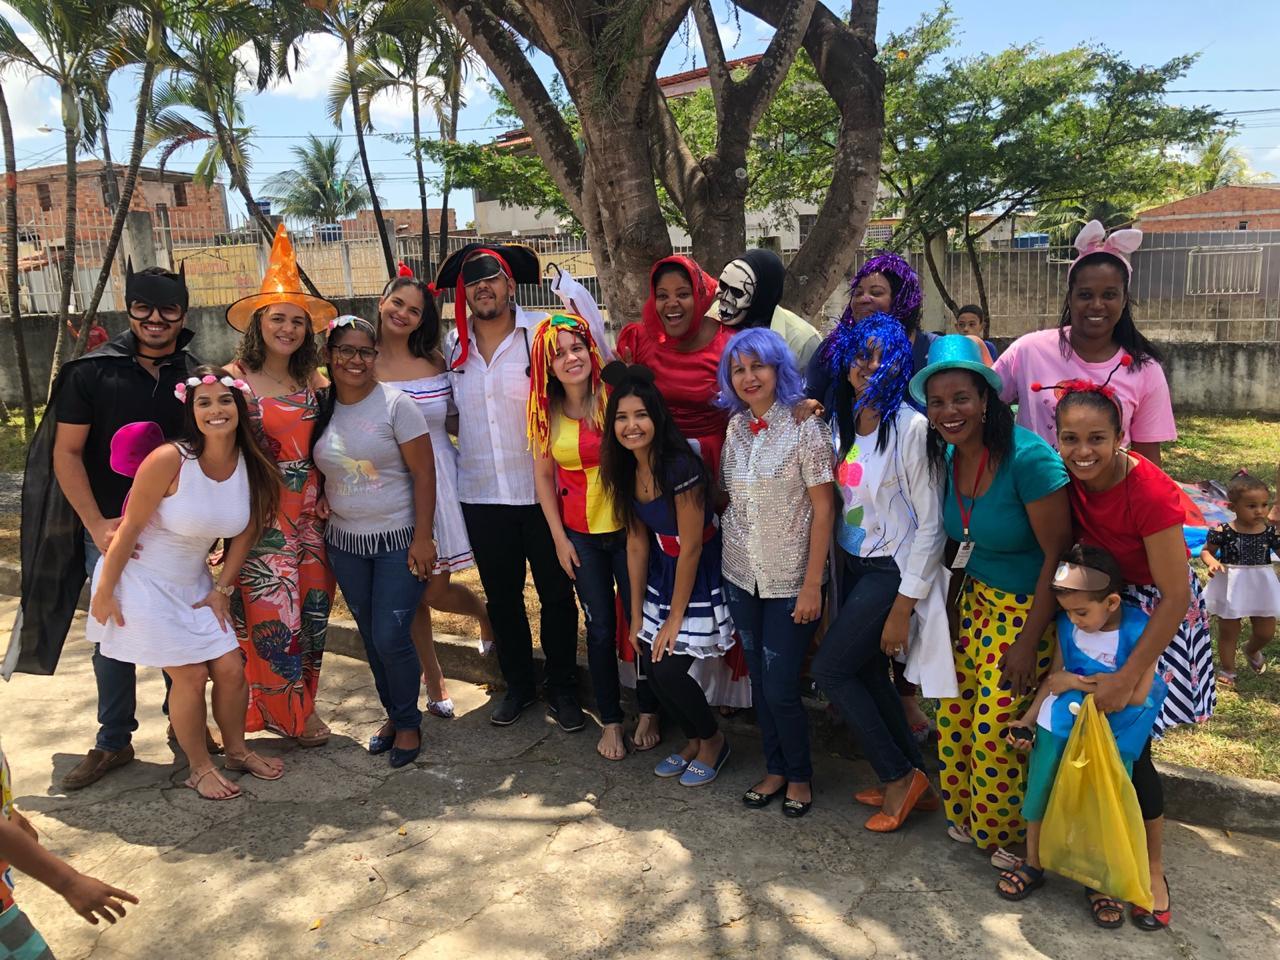 USF do Parque São Paulo promove evento alusivo ao dia das crianças